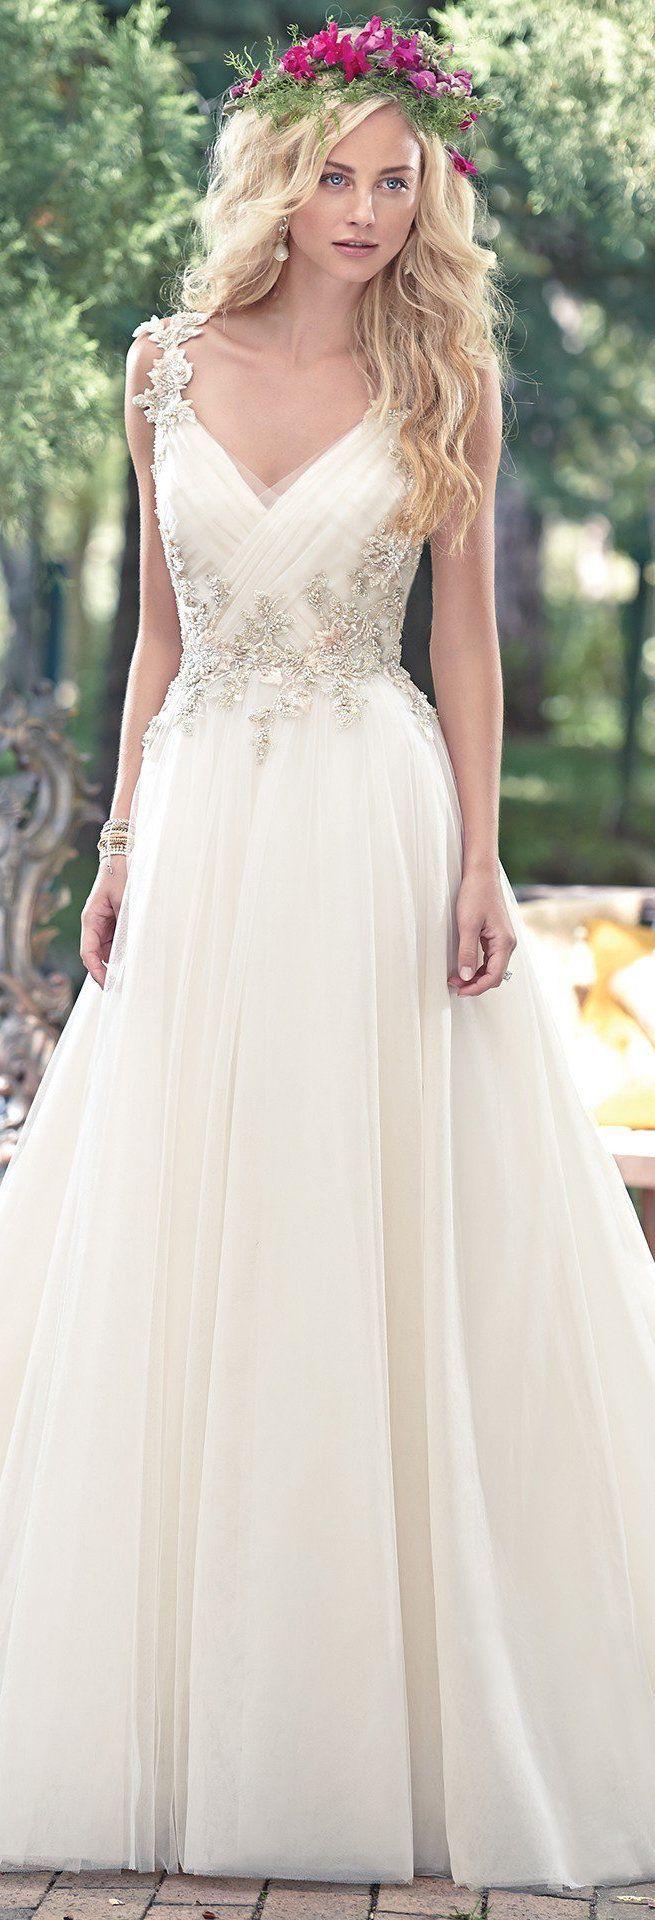 photo robe de mariée créateur pas cher 089 et plus encore sur www.robe2mariage.eu